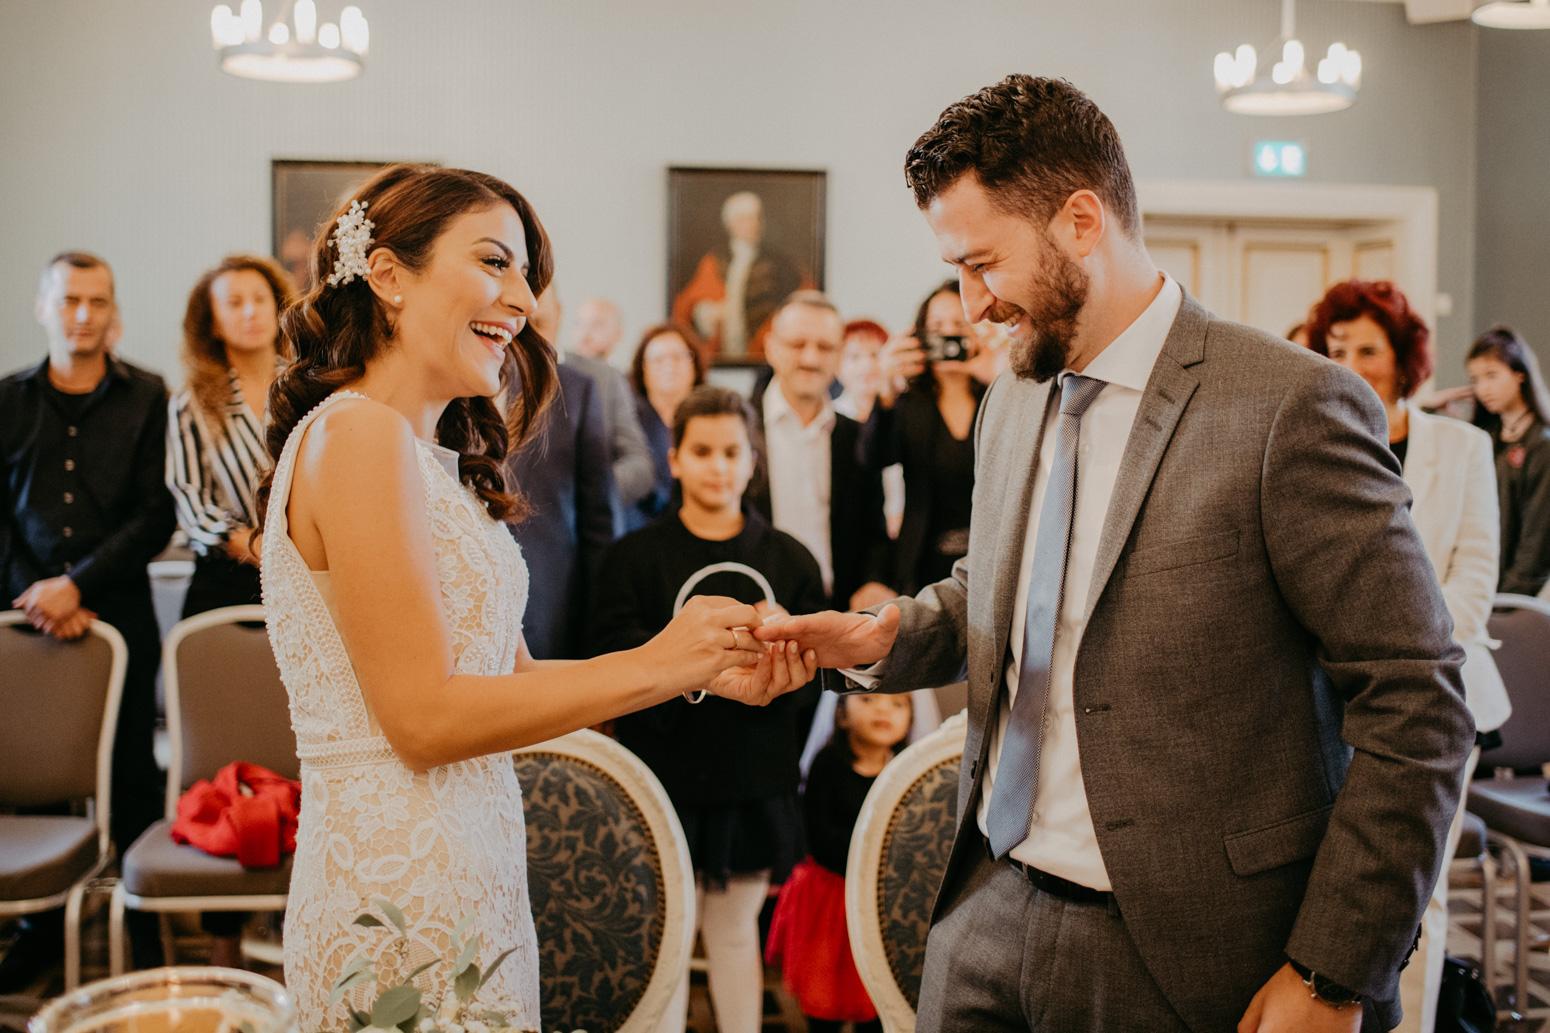 Ringwechsel bei einer Trauung im Schloss Broich, Hochzeitsfotografin Daria Becker von Genuine Bonds